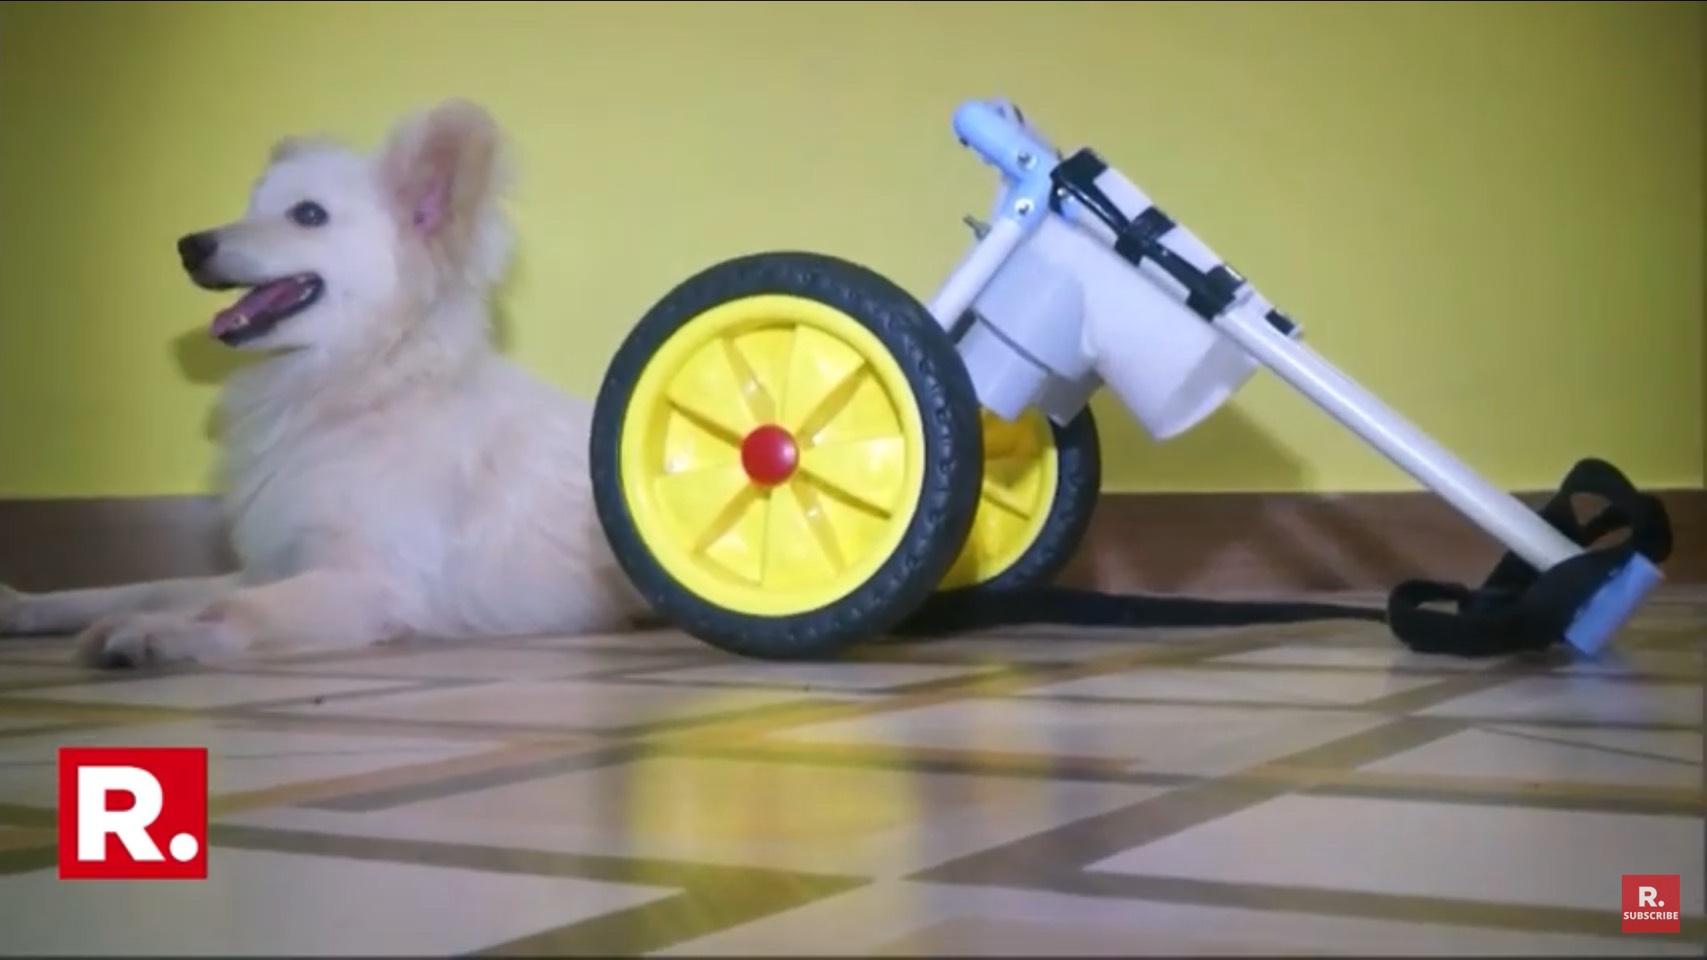 Dogilike.com :: โชคดีสุดๆ พ่อลูกใจบุญรับสุนัขพิการมาเลี้ยงพร้อมกับสร้างรถเข็นใหม่ให้